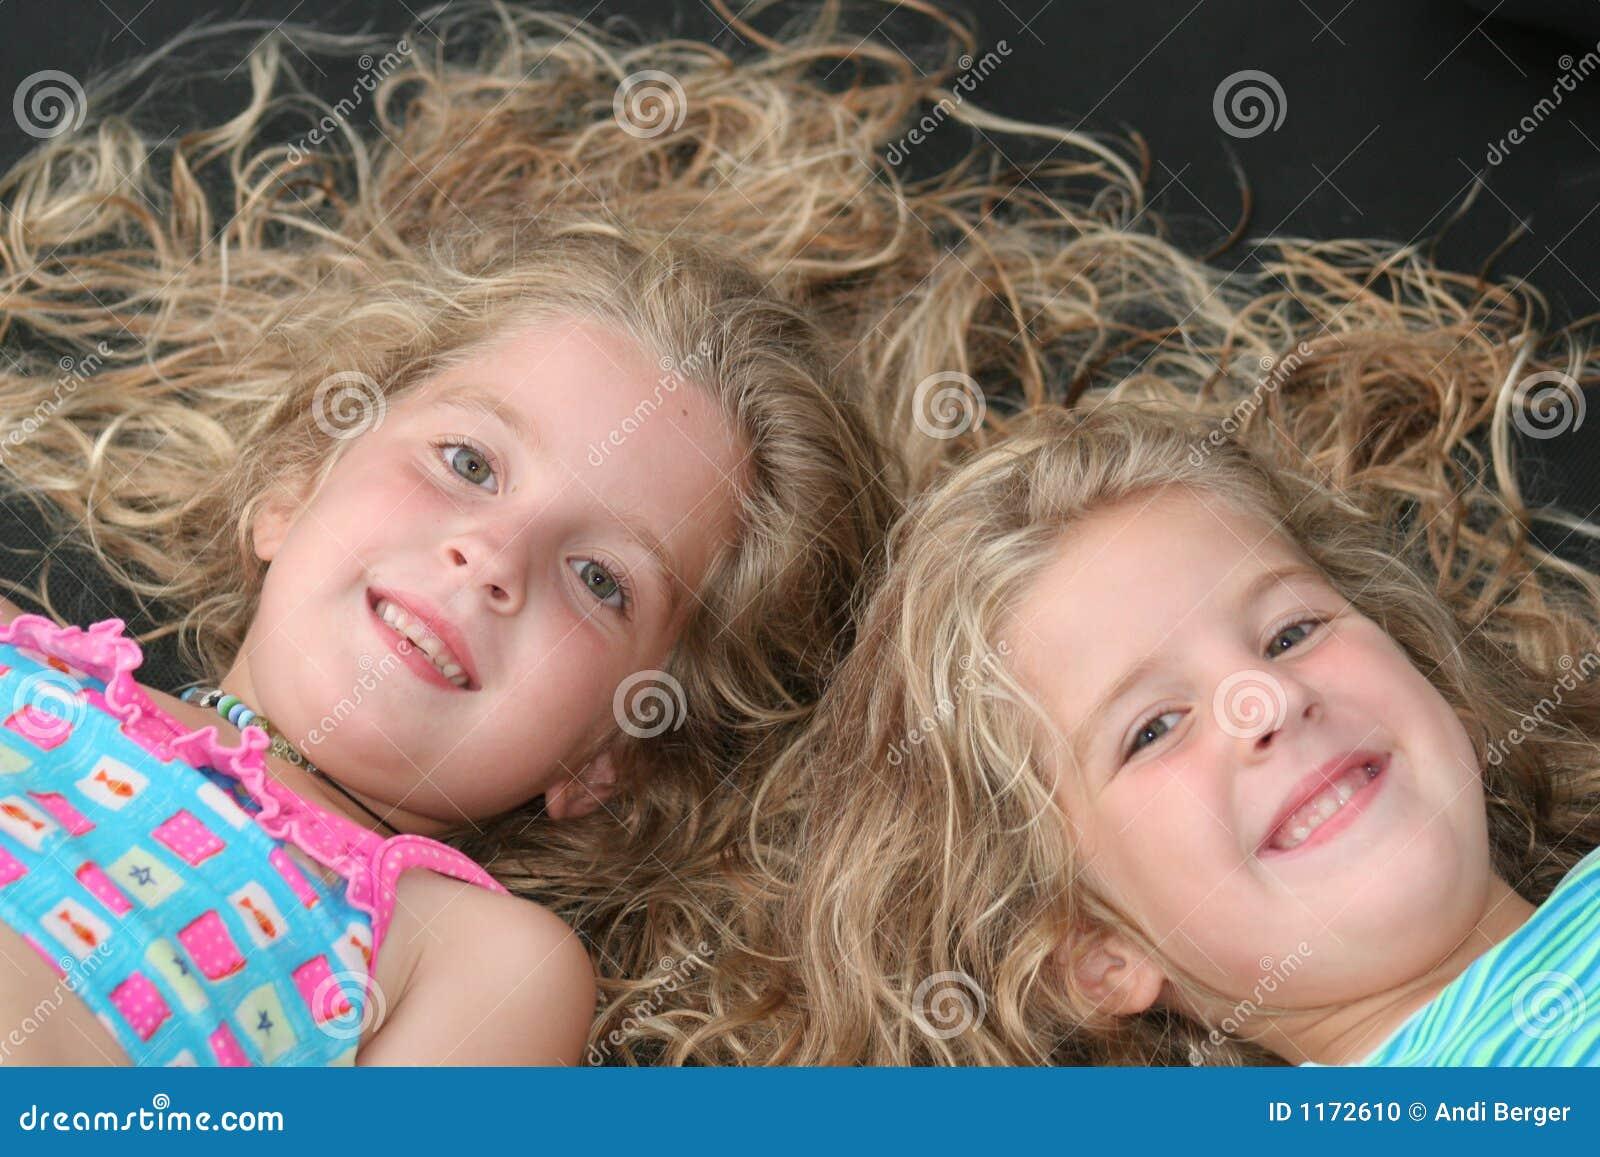 儿童同卵双生